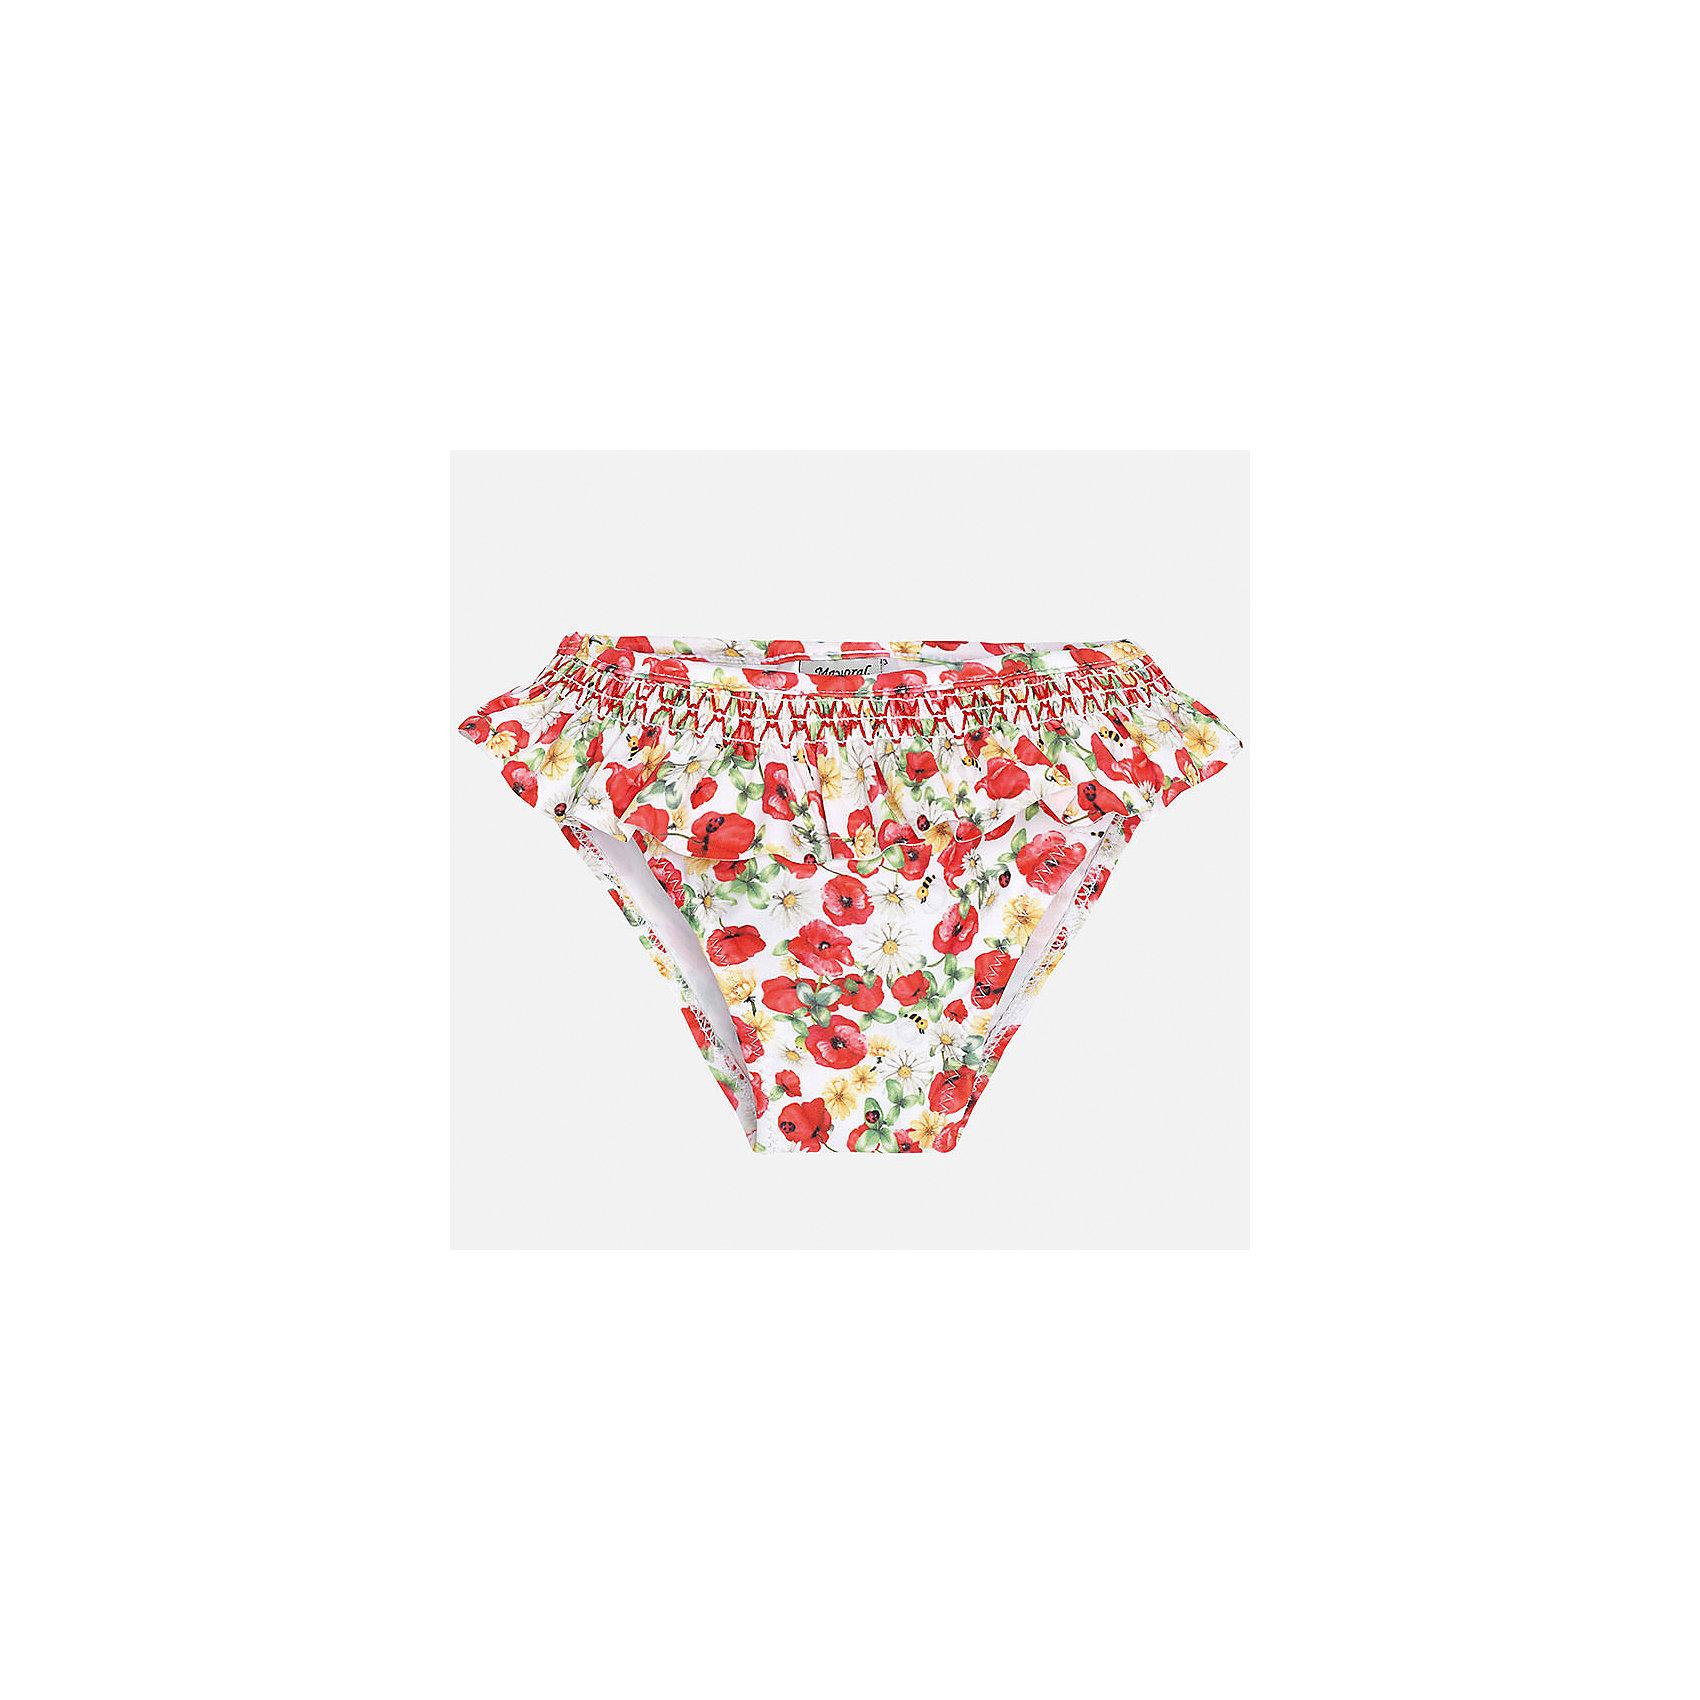 Плавки для девочки MayoralХарактеристики товара:<br><br>• цвет: белый/красный<br>• состав: верх - 85% полиамид, 15% эластан, подкладка - 96% полиамид, 4% эластан<br>• украшены оборками <br>• цветочный принт<br>• с подкладкой<br>• быстросохнущий материал<br>• страна бренда: Испания<br><br>Одежда для купания должна быть удобной! Эти плавки для девочки не только хорошо сидят на ребенке, не стесняя движения и не натирая, они отлично смотрятся! Сшиты из плотной эластичной ткани, но она очень быстро высыхает. Интересная отделка модели делает её нарядной и оригинальной.<br> <br>Одежда, обувь и аксессуары от испанского бренда Mayoral полюбились детям и взрослым по всему миру. Модели этой марки - стильные и удобные. Для их производства используются только безопасные, качественные материалы и фурнитура. Порадуйте ребенка модными и красивыми вещами от Mayoral! <br><br>Плавки для девочки от испанского бренда Mayoral (Майорал) можно купить в нашем интернет-магазине.<br><br>Ширина мм: 183<br>Глубина мм: 60<br>Высота мм: 135<br>Вес г: 119<br>Цвет: красный<br>Возраст от месяцев: 12<br>Возраст до месяцев: 15<br>Пол: Женский<br>Возраст: Детский<br>Размер: 80,92,86<br>SKU: 5289036